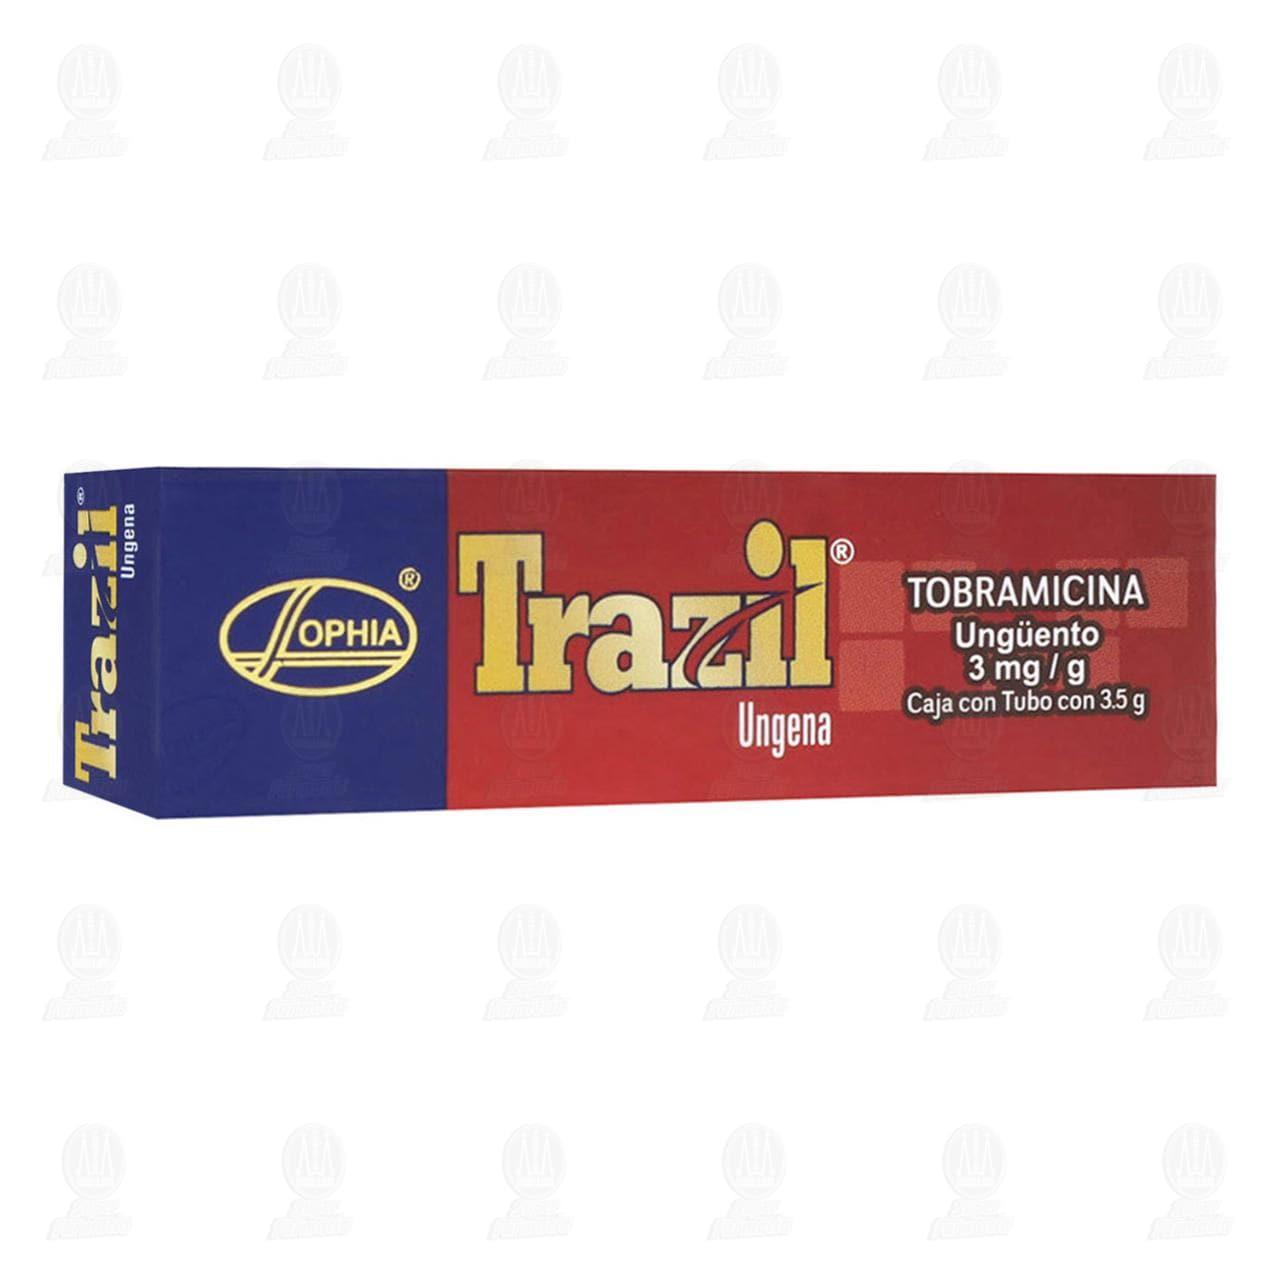 comprar https://www.movil.farmaciasguadalajara.com/wcsstore/FGCAS/wcs/products/122017_A_1280_AL.jpg en farmacias guadalajara